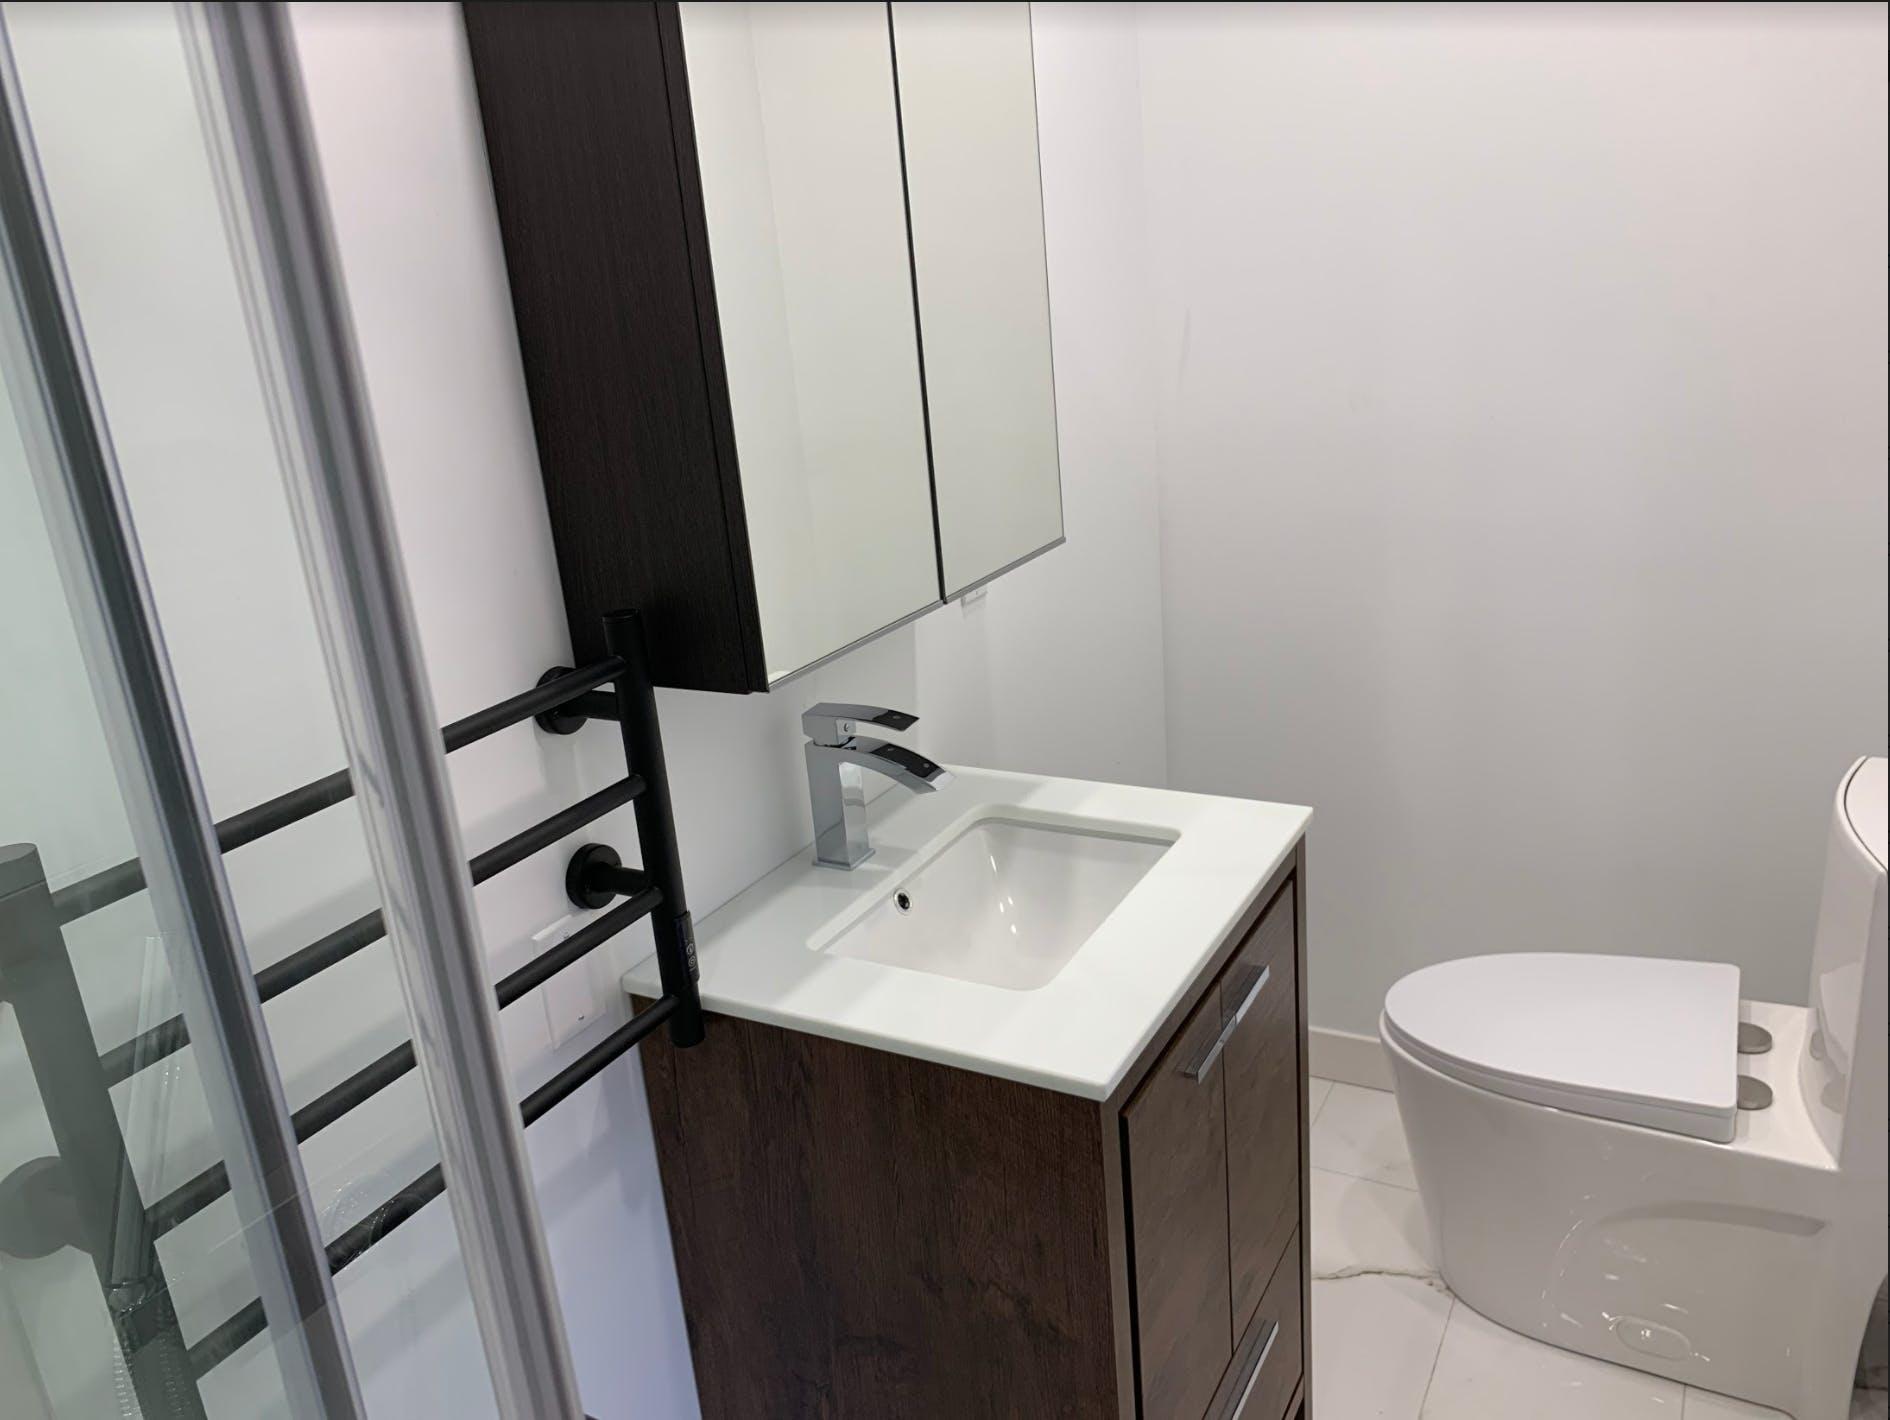 Vanité et toilettes dans salle de bain rénovée